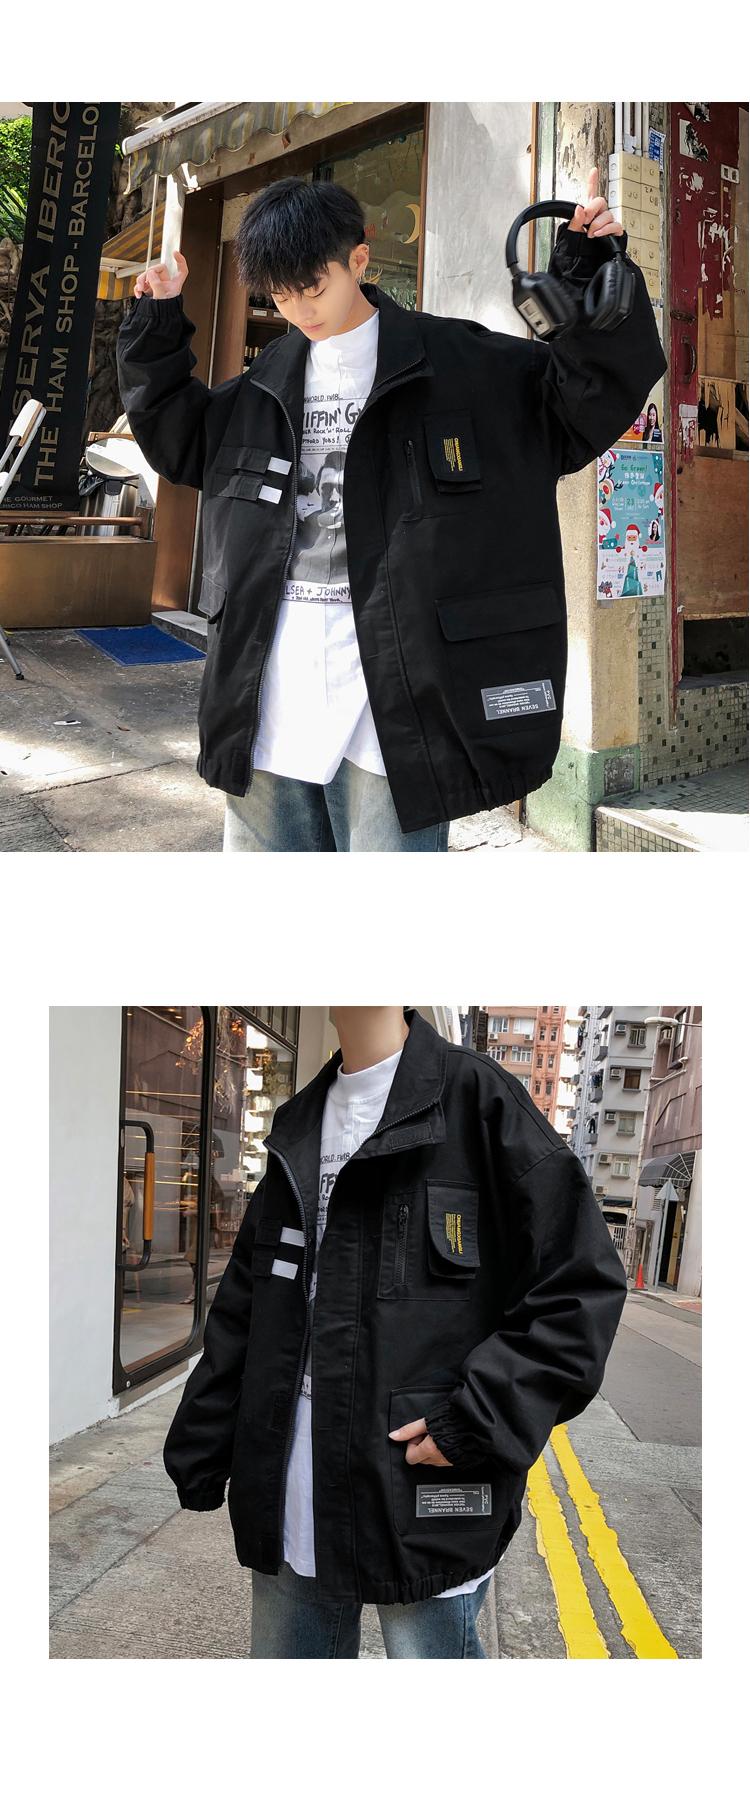 2020春装新款 多口袋设计男士立领夹克外套 M107/P88 控价108